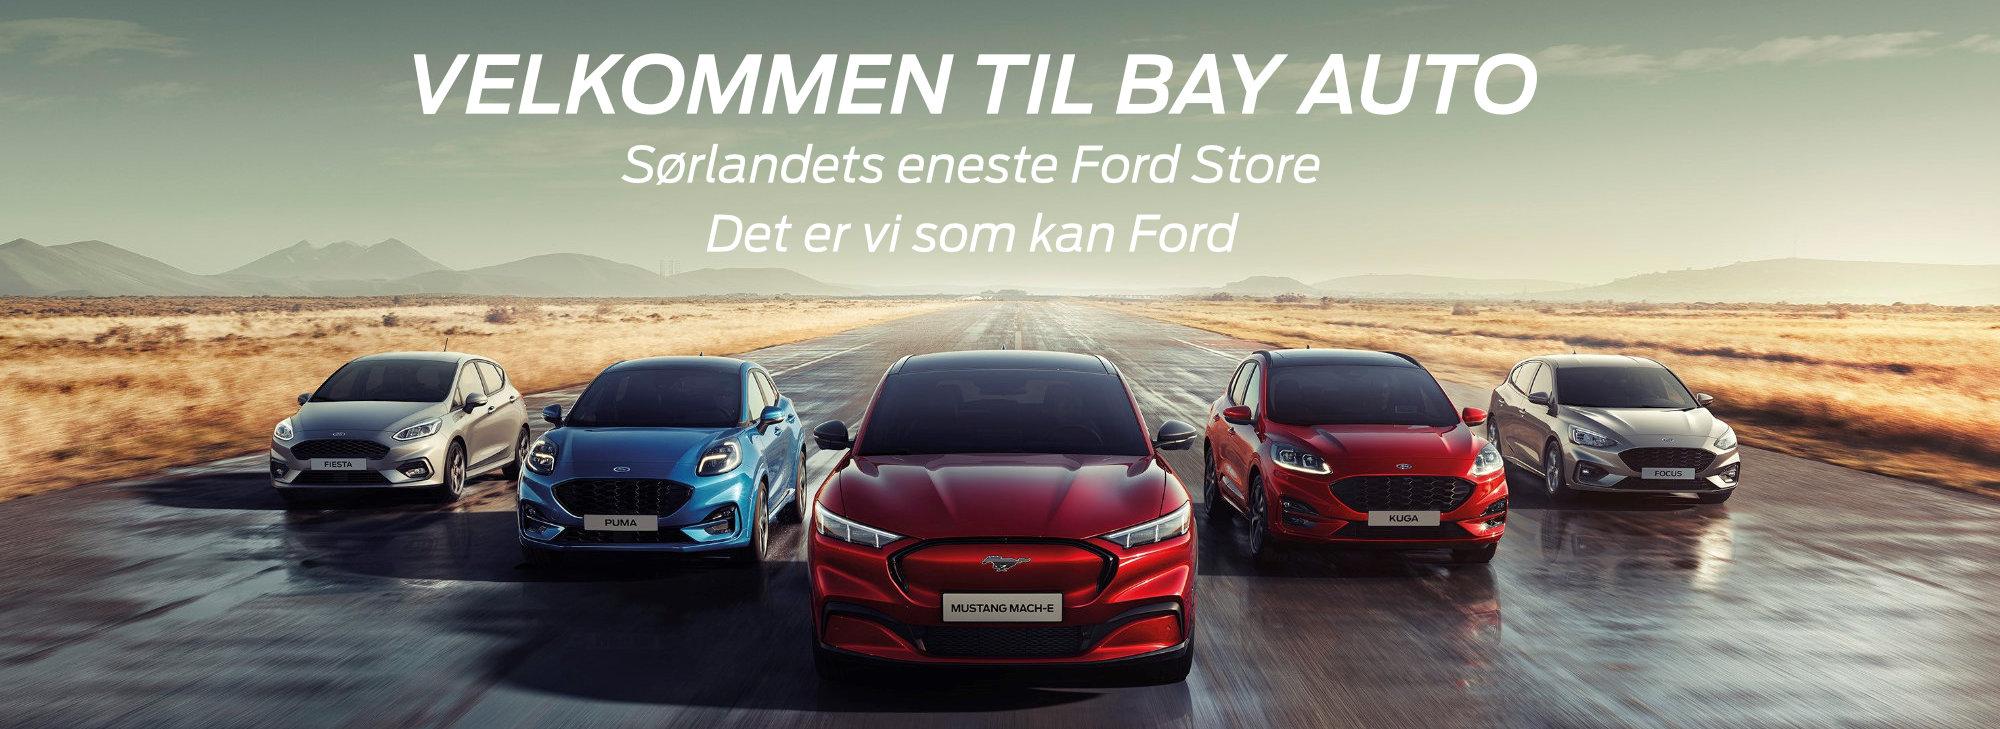 Velkommen til Bay Auto